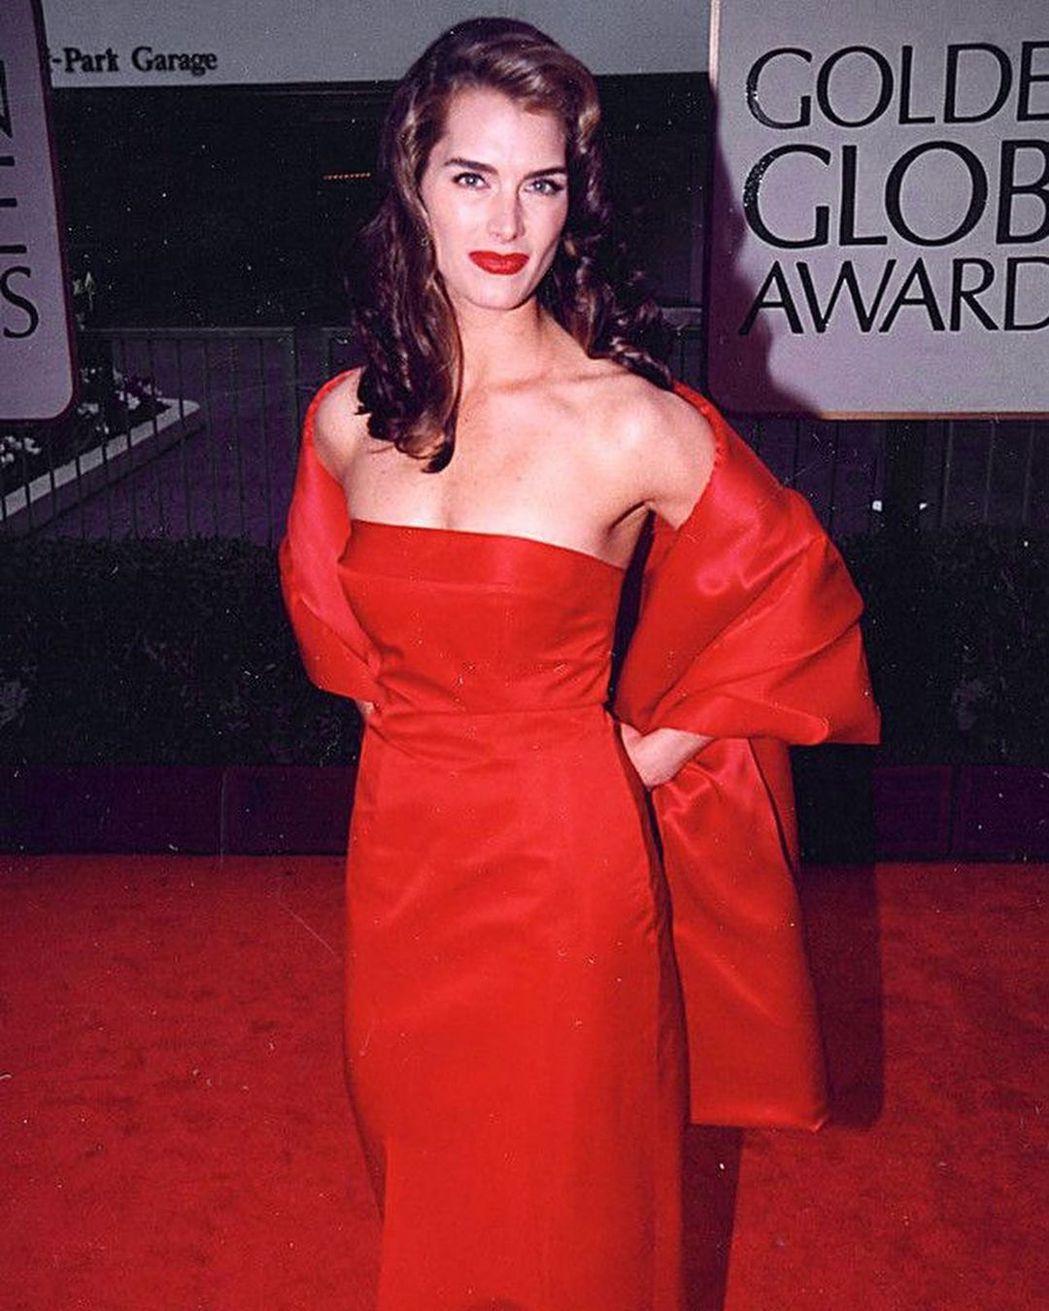 布魯克雪德絲20多年前穿著同一套紅色禮服出席金球獎頒獎典禮。圖/摘自IG